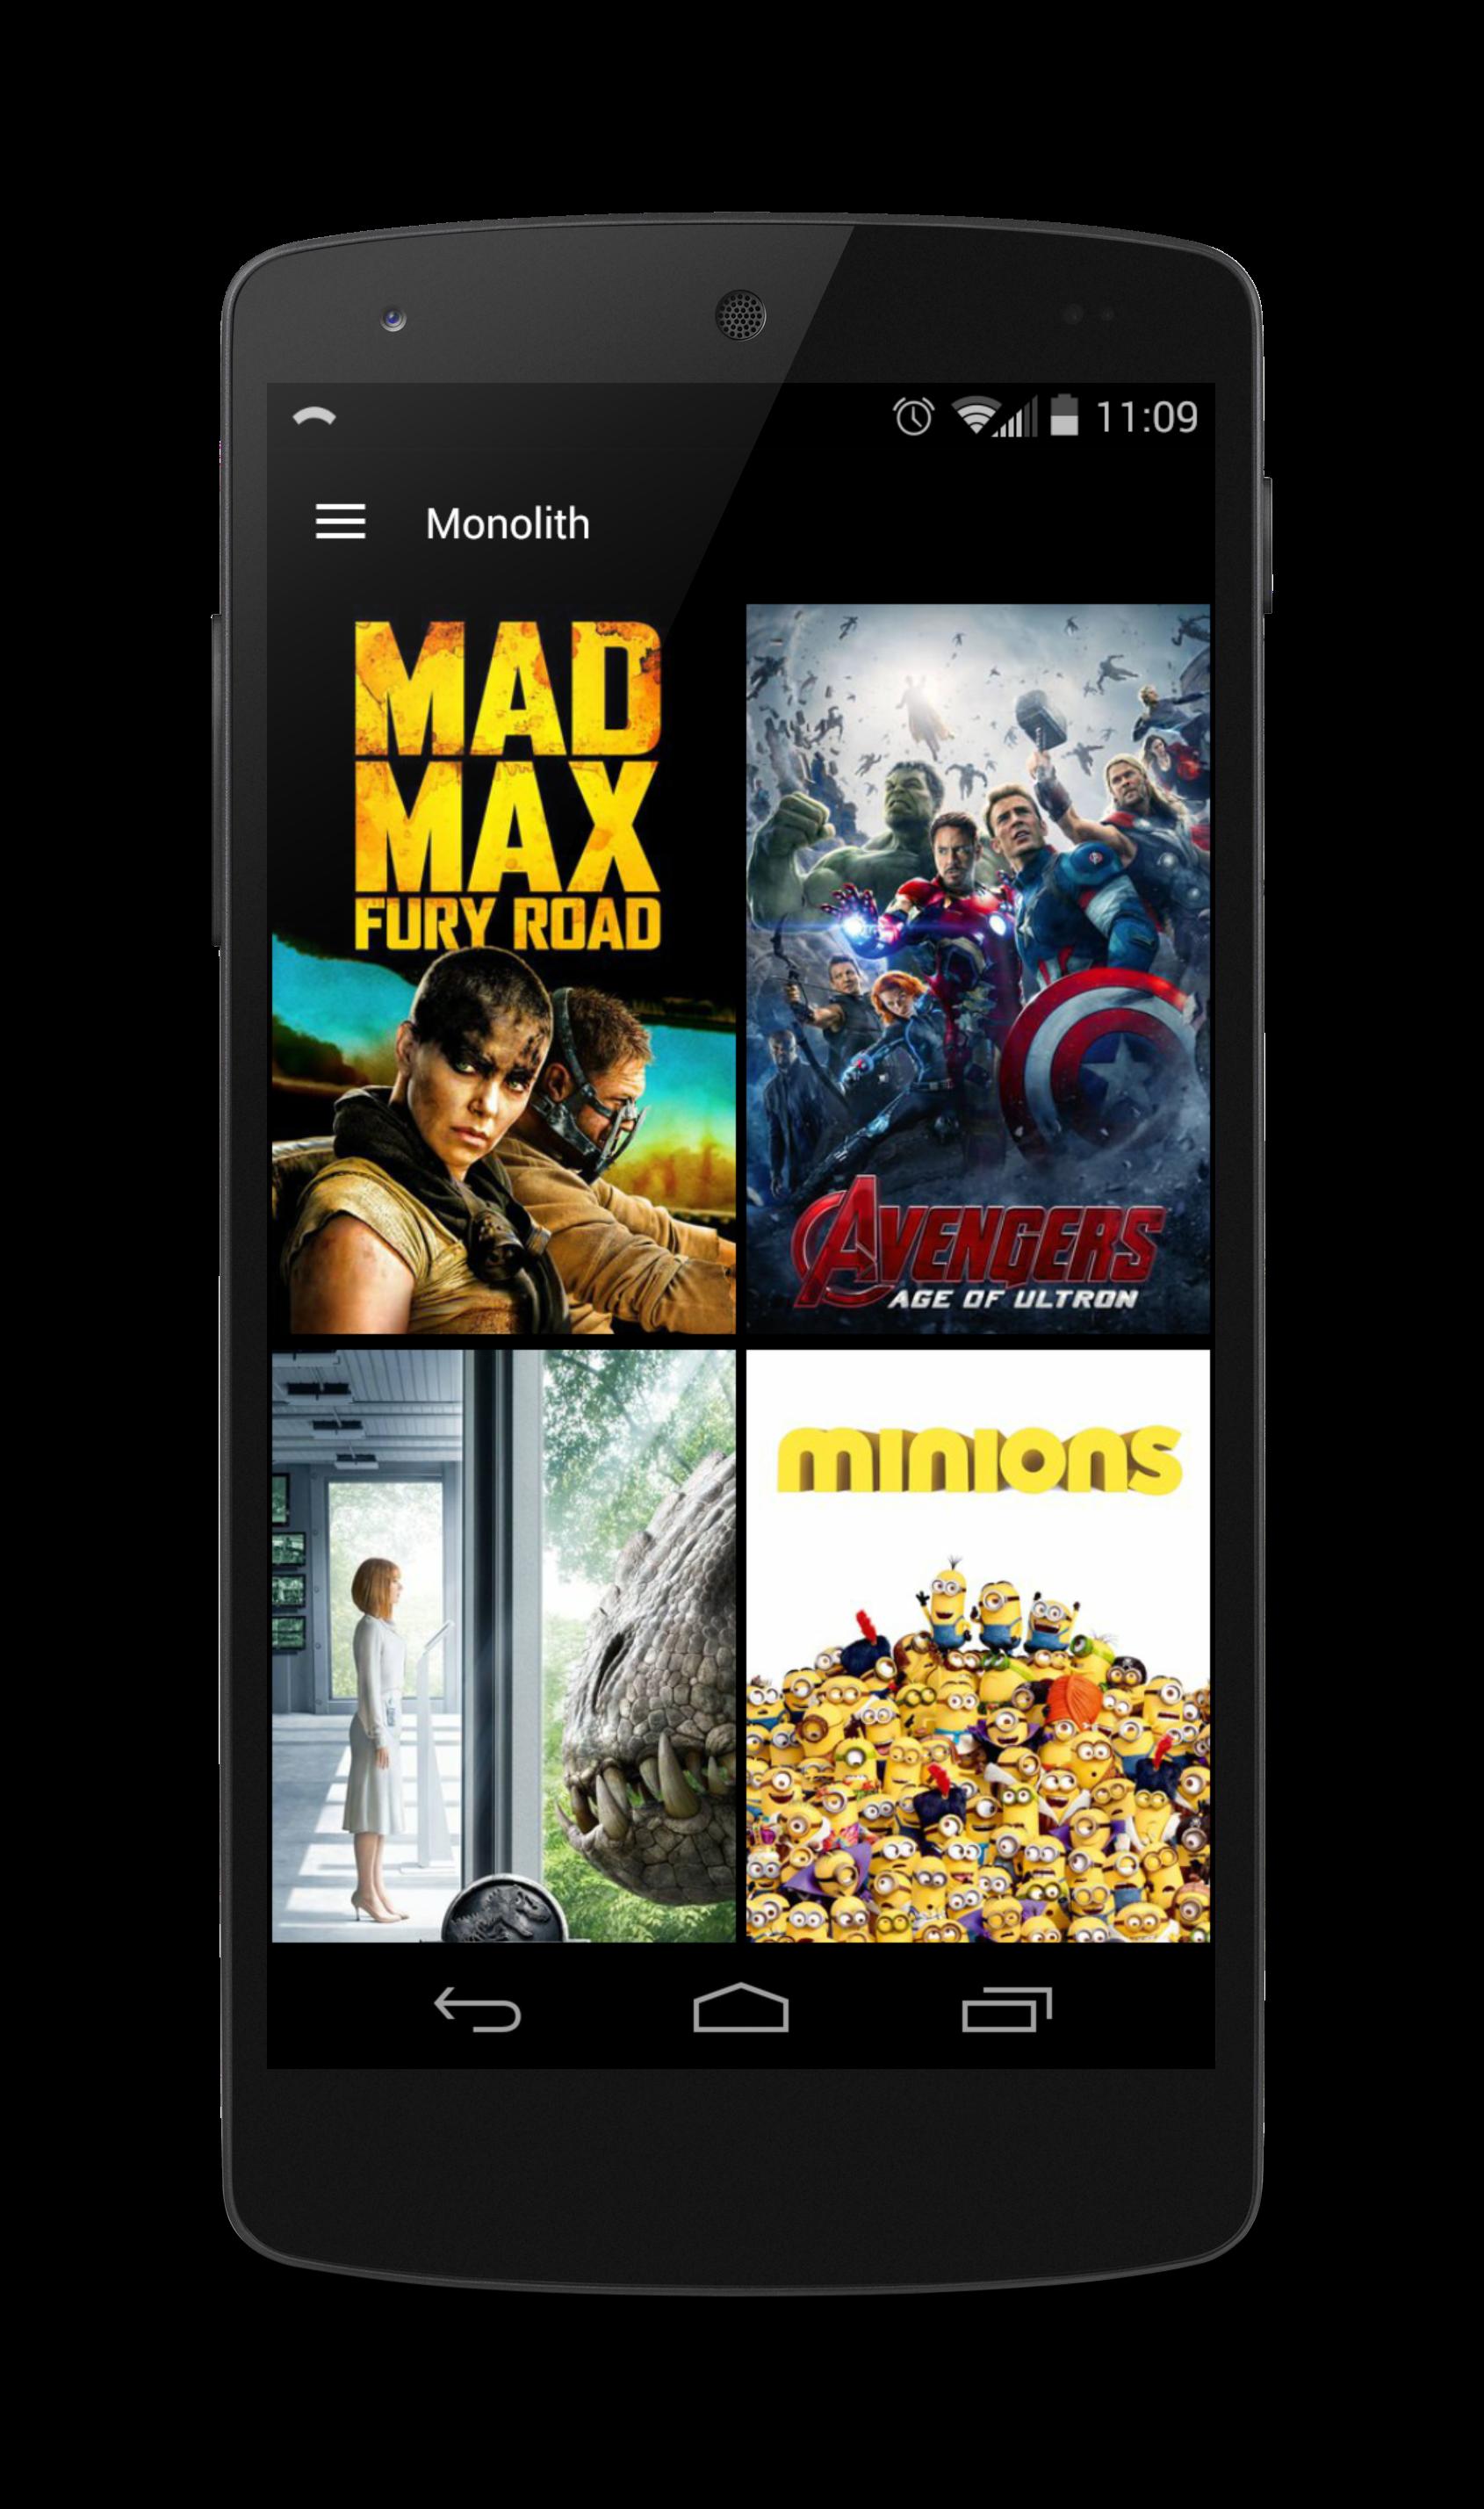 Udacity Movies App